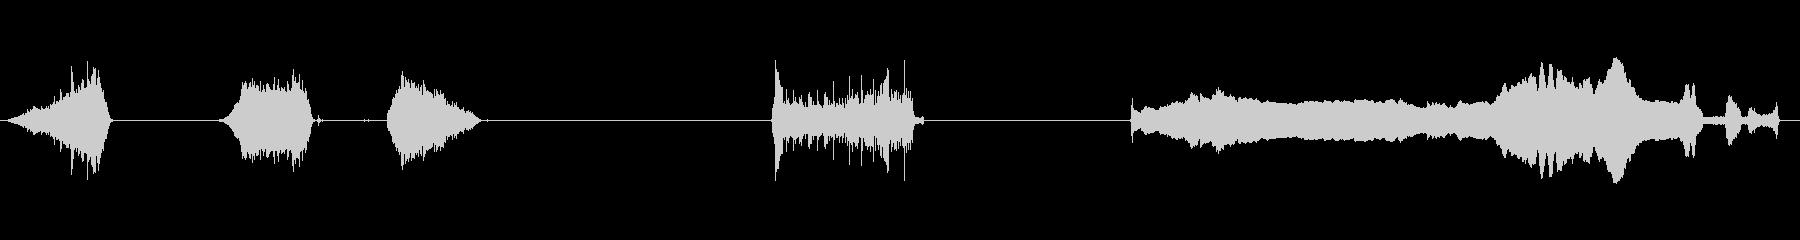 バルーンサウンド、3バージョン; ...の未再生の波形